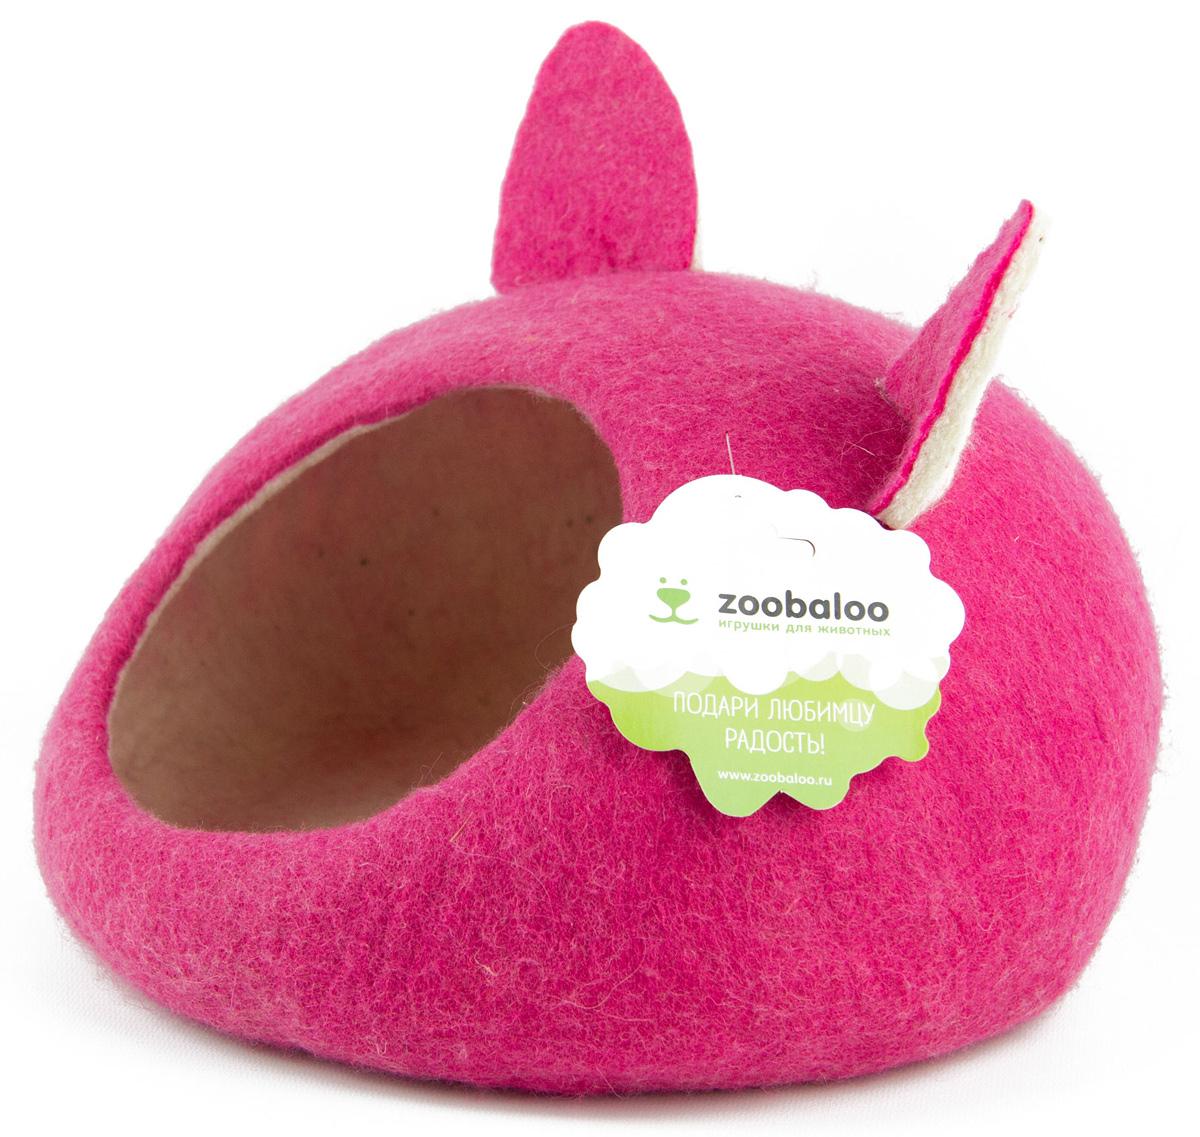 Домик-слипер Zoobaloo WoolPetHouse, размер M, форма круг, с ушками, малиновый895WoolPetHouse это домики-слиперы! Это невероятное творение наших дизайнеров обещает быть хитом сезона – мы учли все особенности «животного» сна: форма, цвет, материал этих домиков – всё подобрано как нельзя лучше! В них ваши любимцы будут видеть только цветные сны, а комфорту и благодарности не будет предела! Природа позаботилась обо всем – стопроцентная шерсть мериноса обеспечит превосходный микроклимат внутри домика, а его форма позволит питомцу засыпать в самой естественной позе. Ваши питомцы уютно обустроятся в наших домиках! Так как изделие выполнено из шерсти, советуем использовать сухую чистку, в местах сильных загрязнений можно воспользоваться губкой или щеткой с мылом. Для того, чтобы домик прослужил максимально долго, для маленьких котят и щенков рекомендуем застилать домик изнутри специальной впитывающей пеленкой.